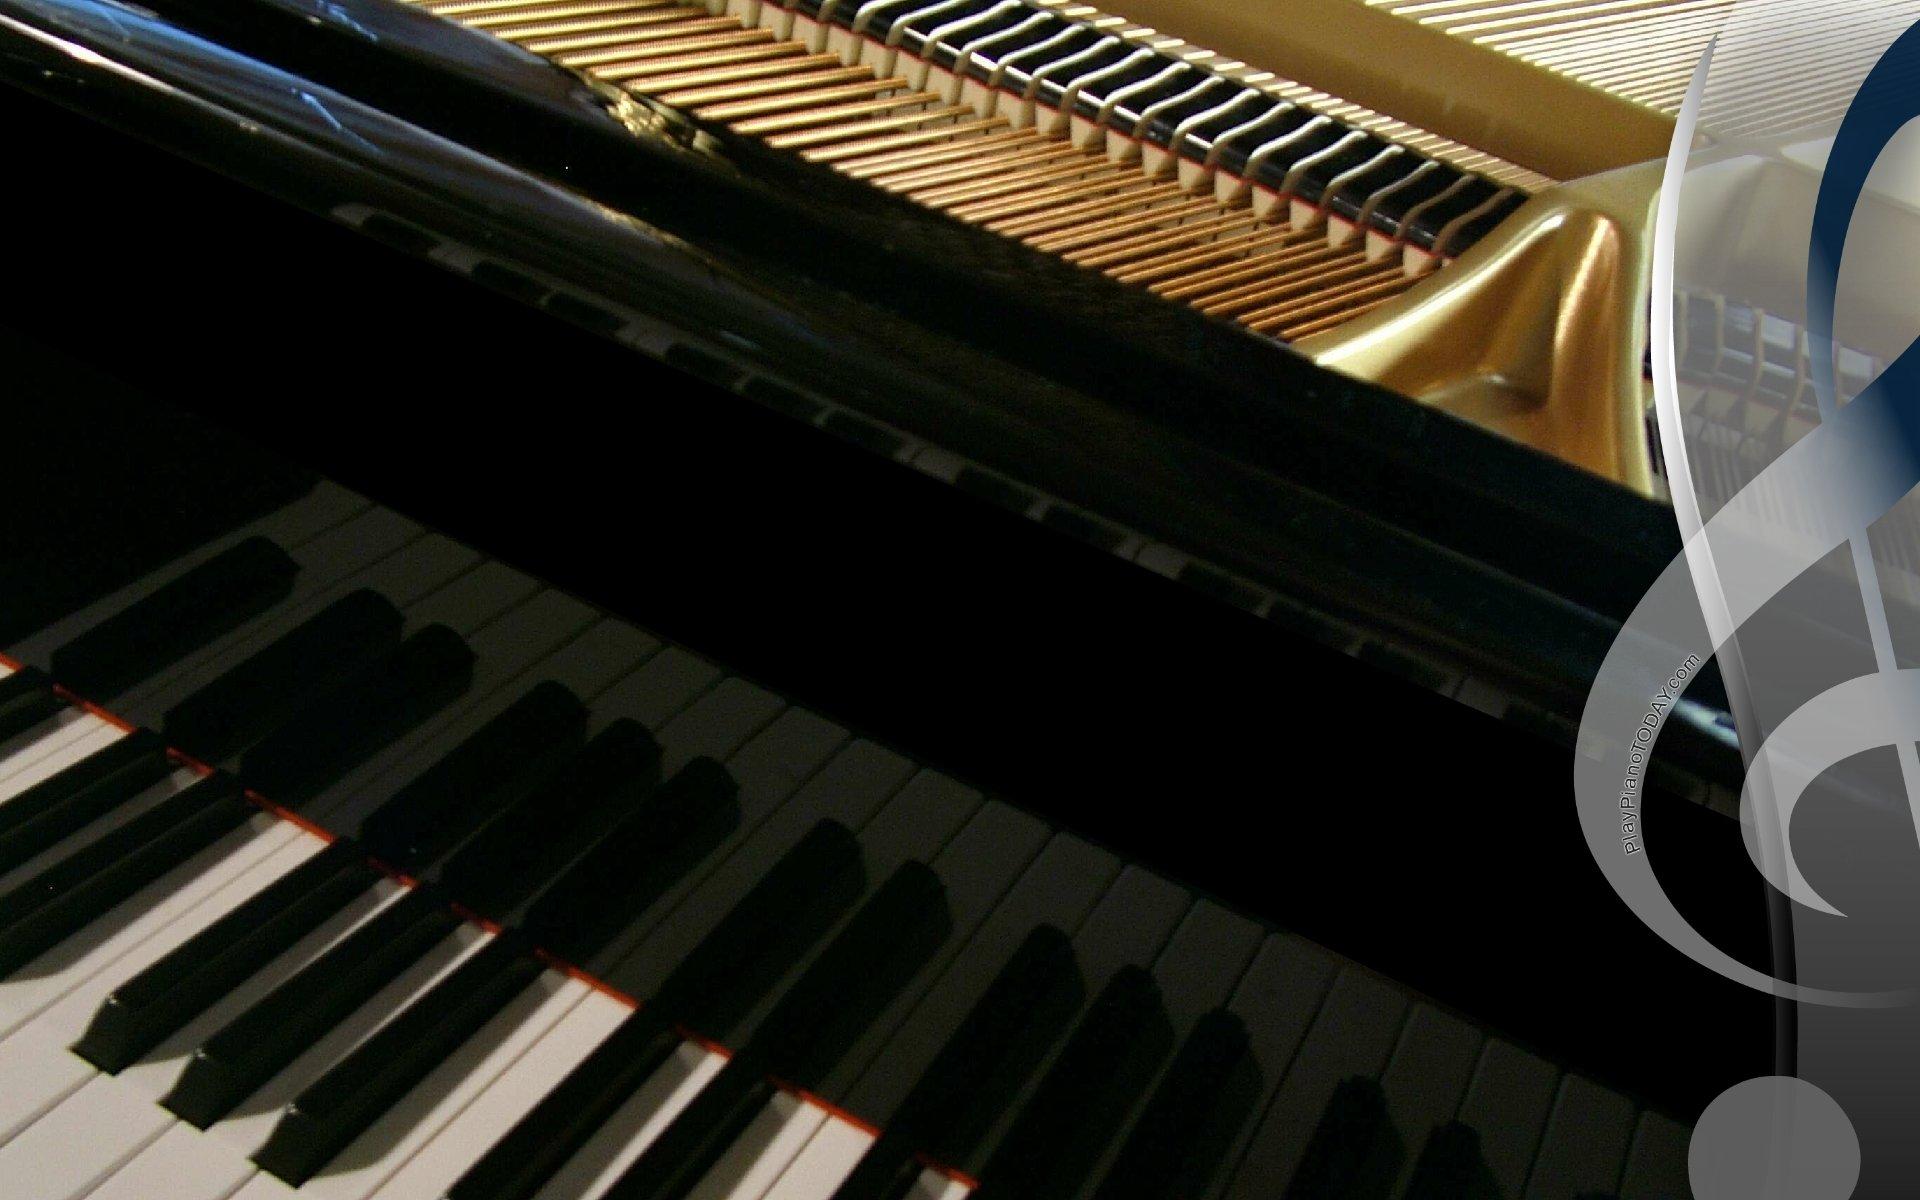 Baby Grand Piano Wallpaper Wallpapersafari